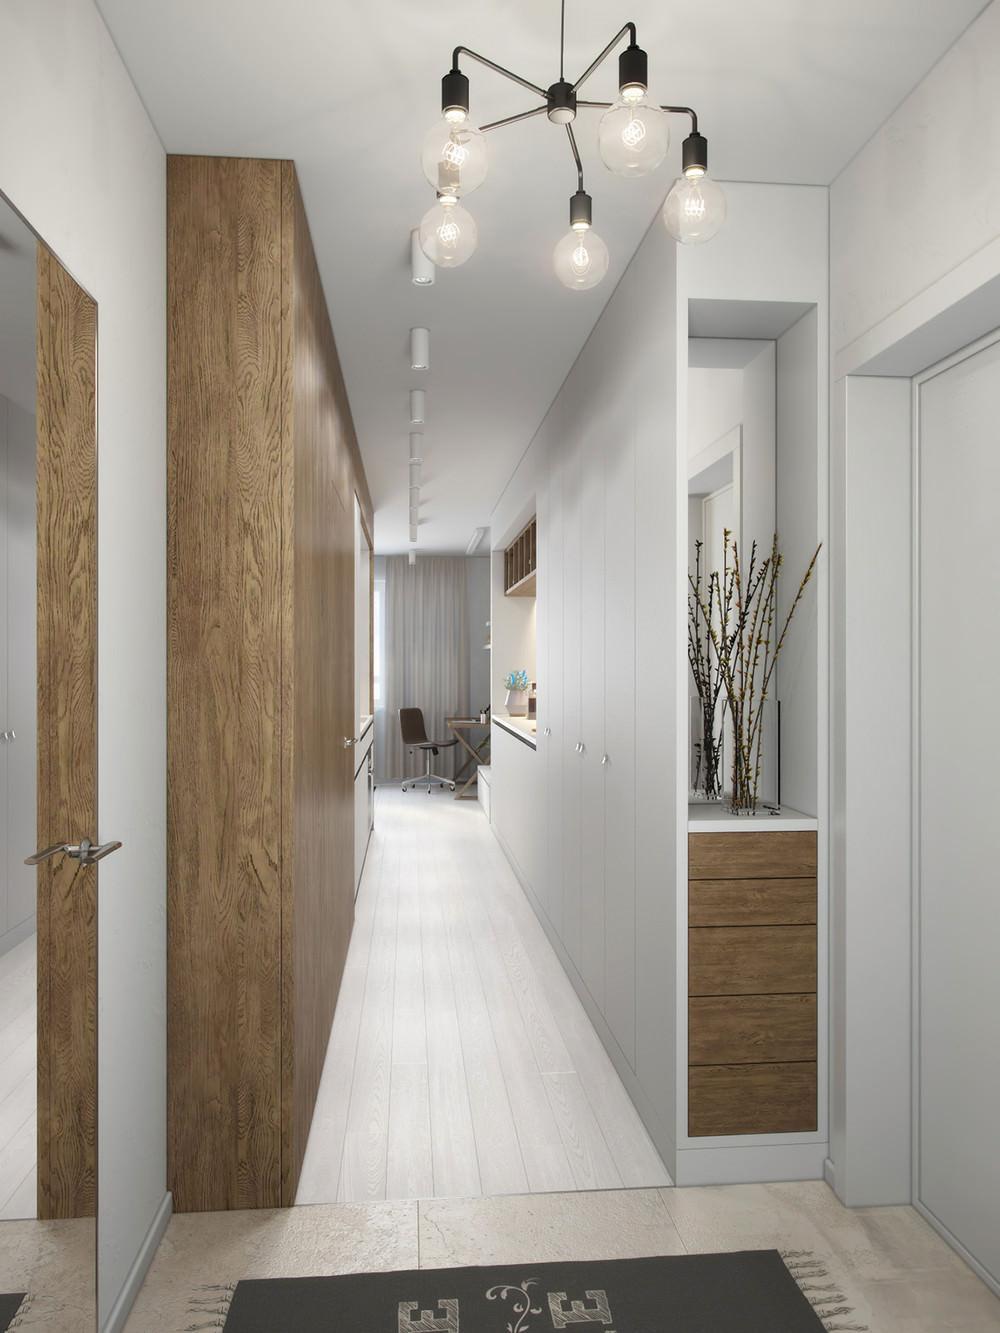 malak-apartament-s-originalen-interioren-dizain-30-m-7